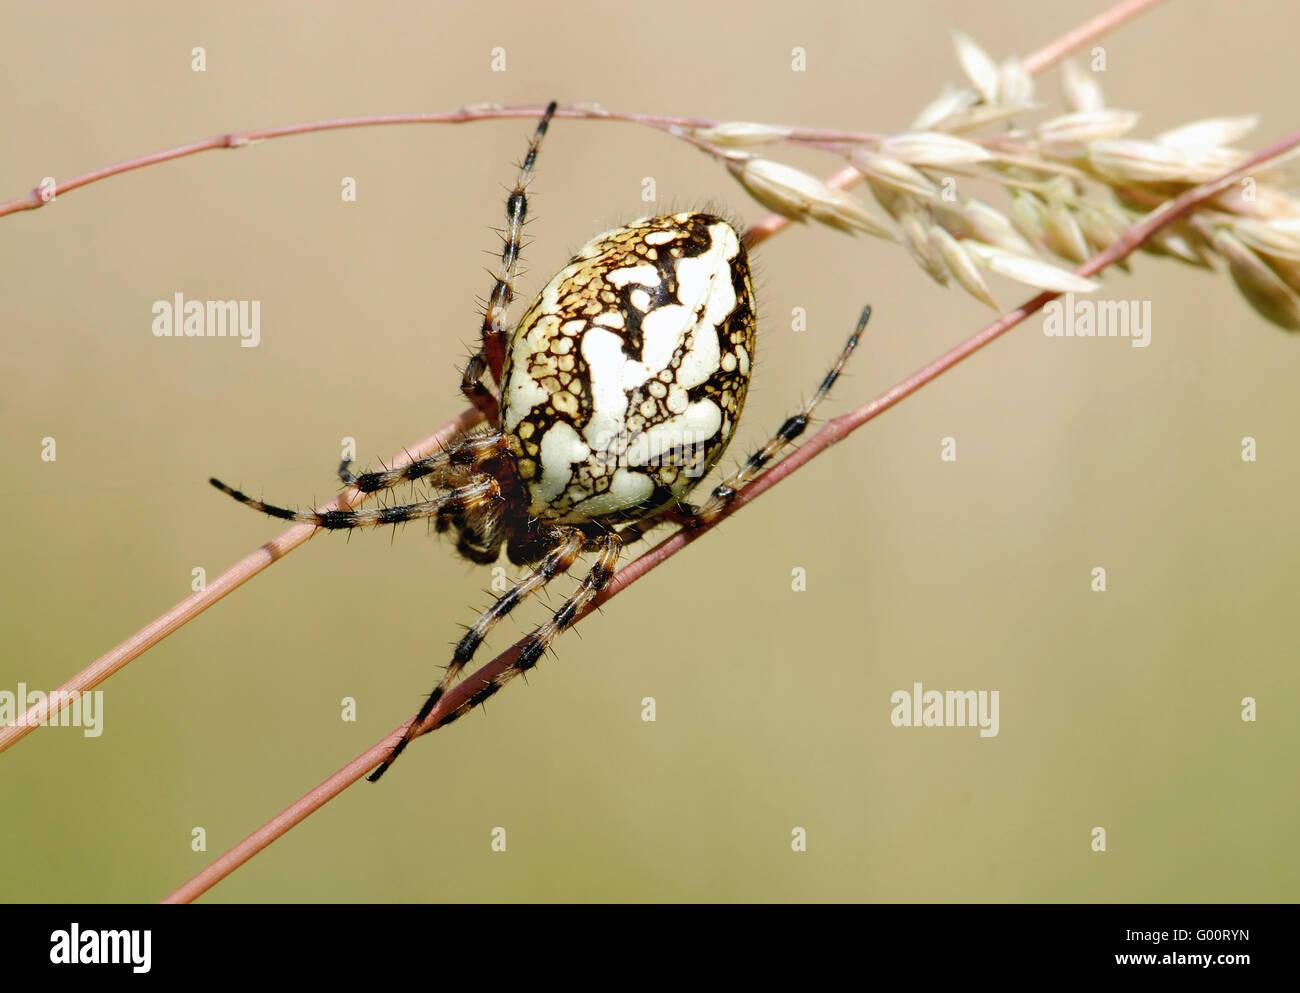 Aculepeira ceropegia - Stock Image